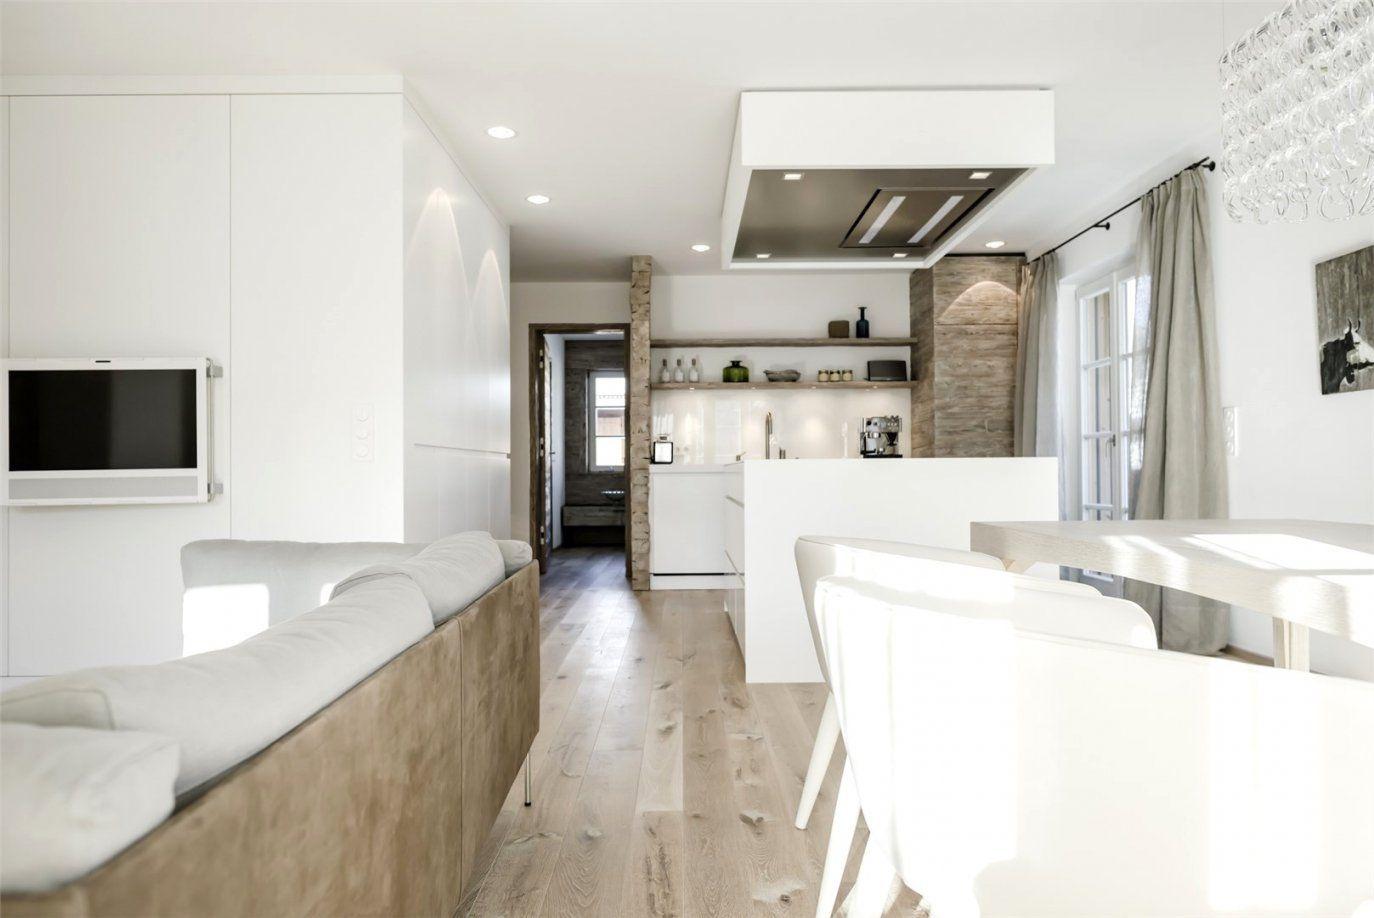 moderne wohnzimmer mit offener k che haus design ideen. Black Bedroom Furniture Sets. Home Design Ideas